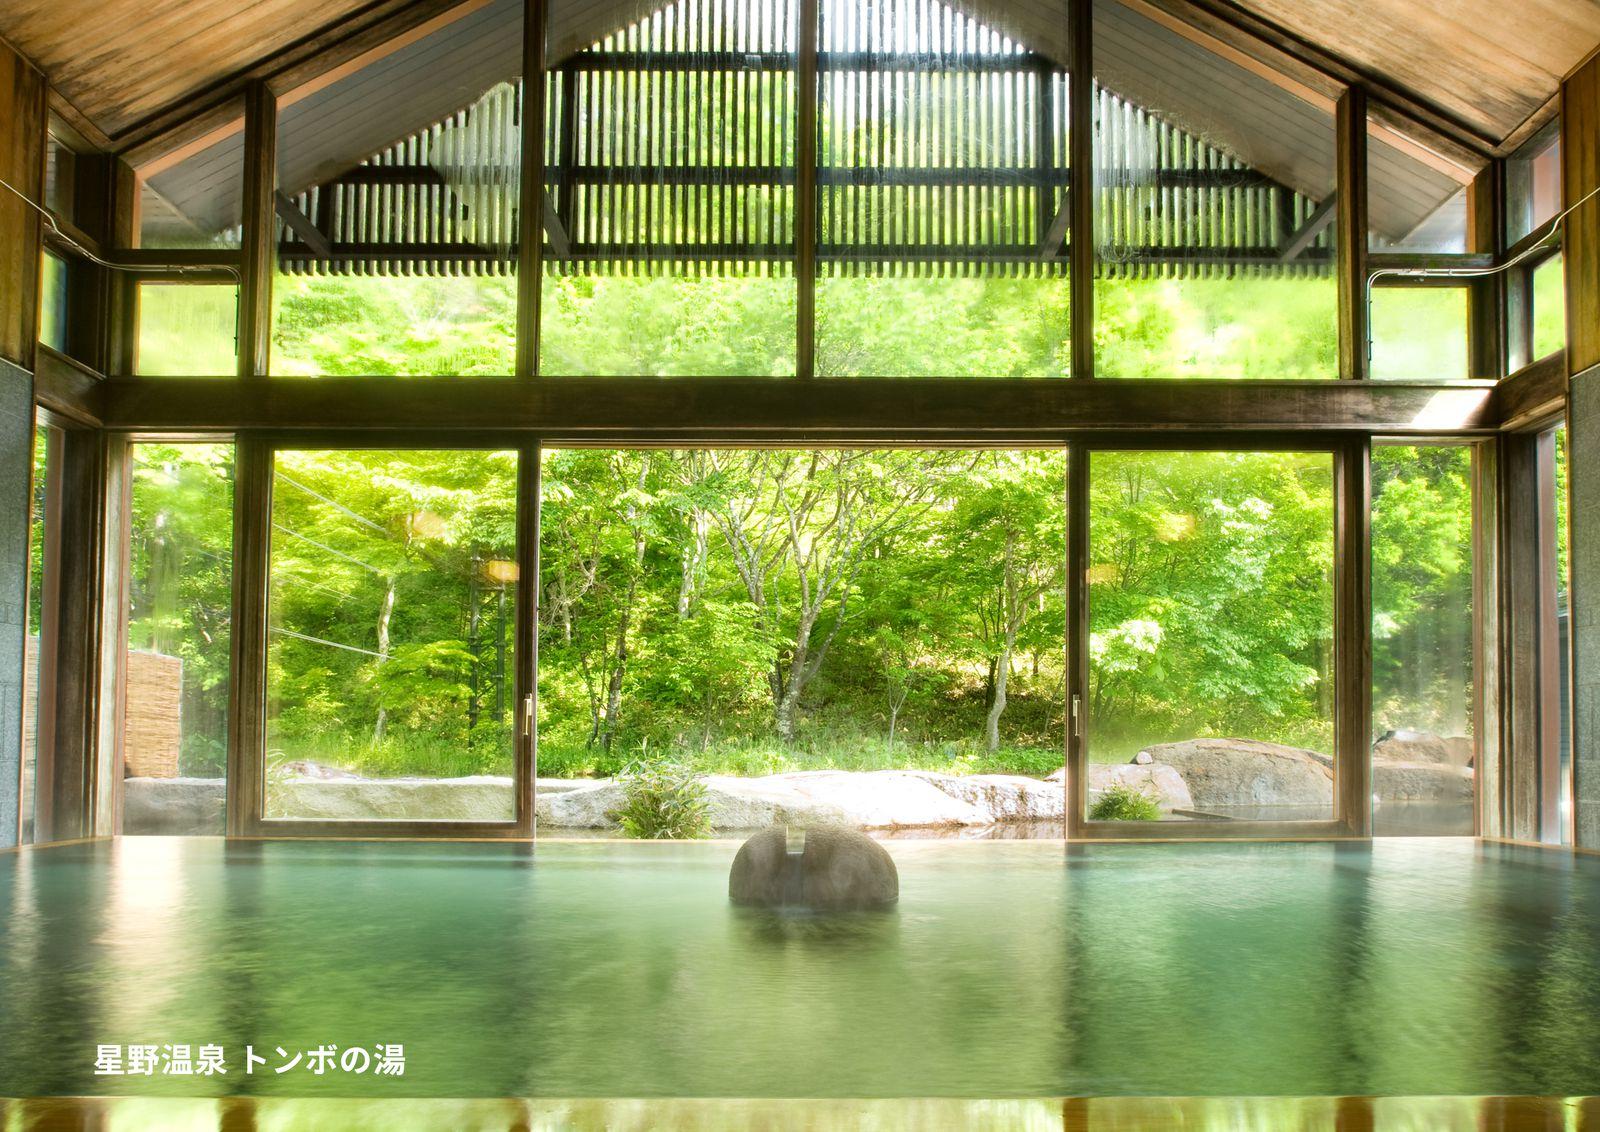 初夏を感じるドライブ旅!軽井沢を日帰りで楽しむ女子旅プランとは